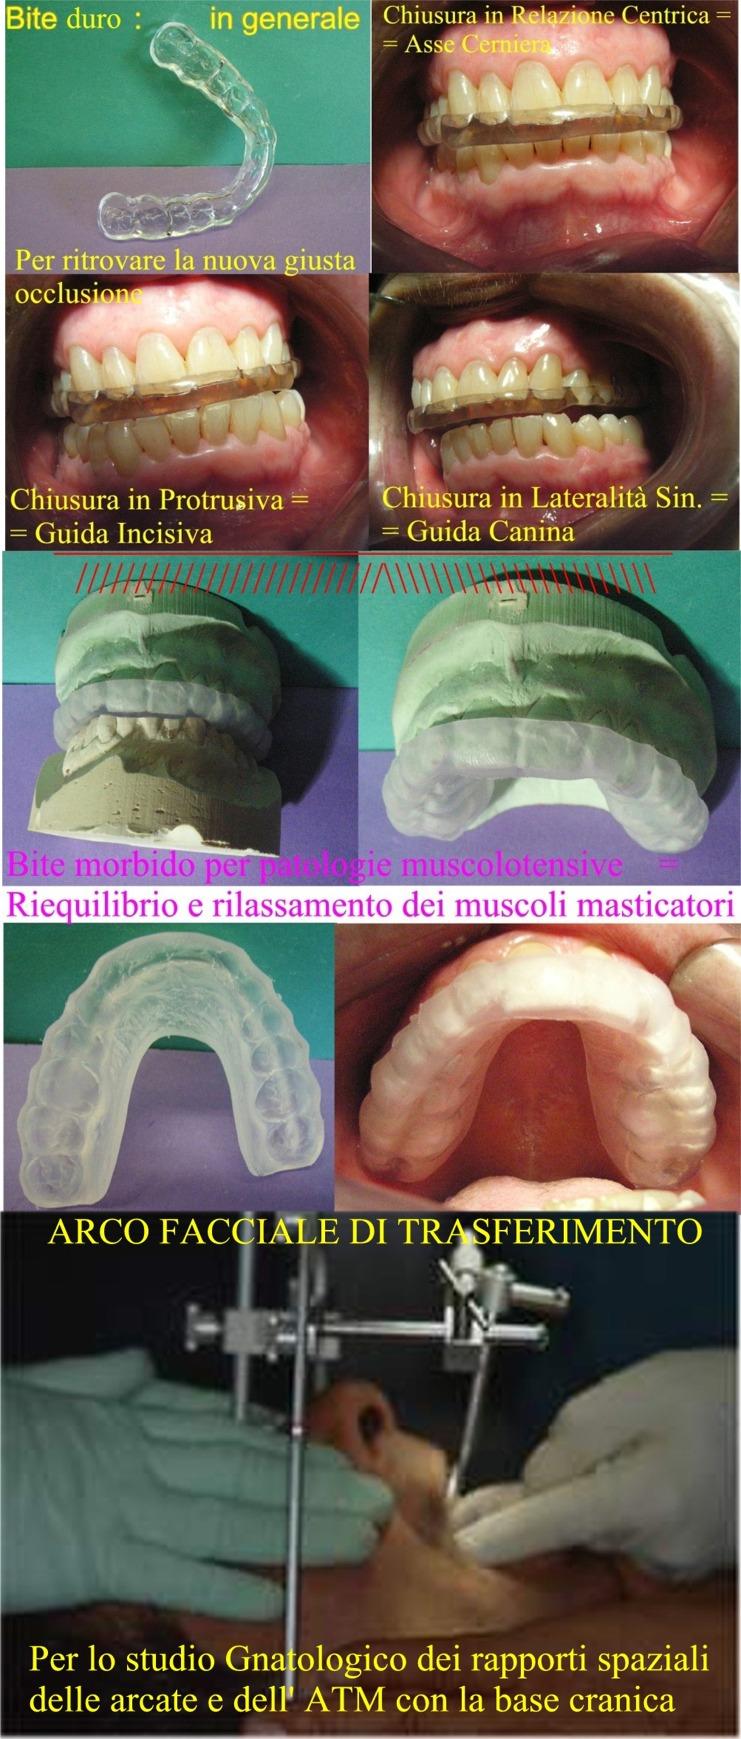 Vari tipi di bite e arco facciale di trasferimento. Da casistica Gnatologica del Dr. Gustavo Petti Parodontologo e Gnatologo di Cagliari